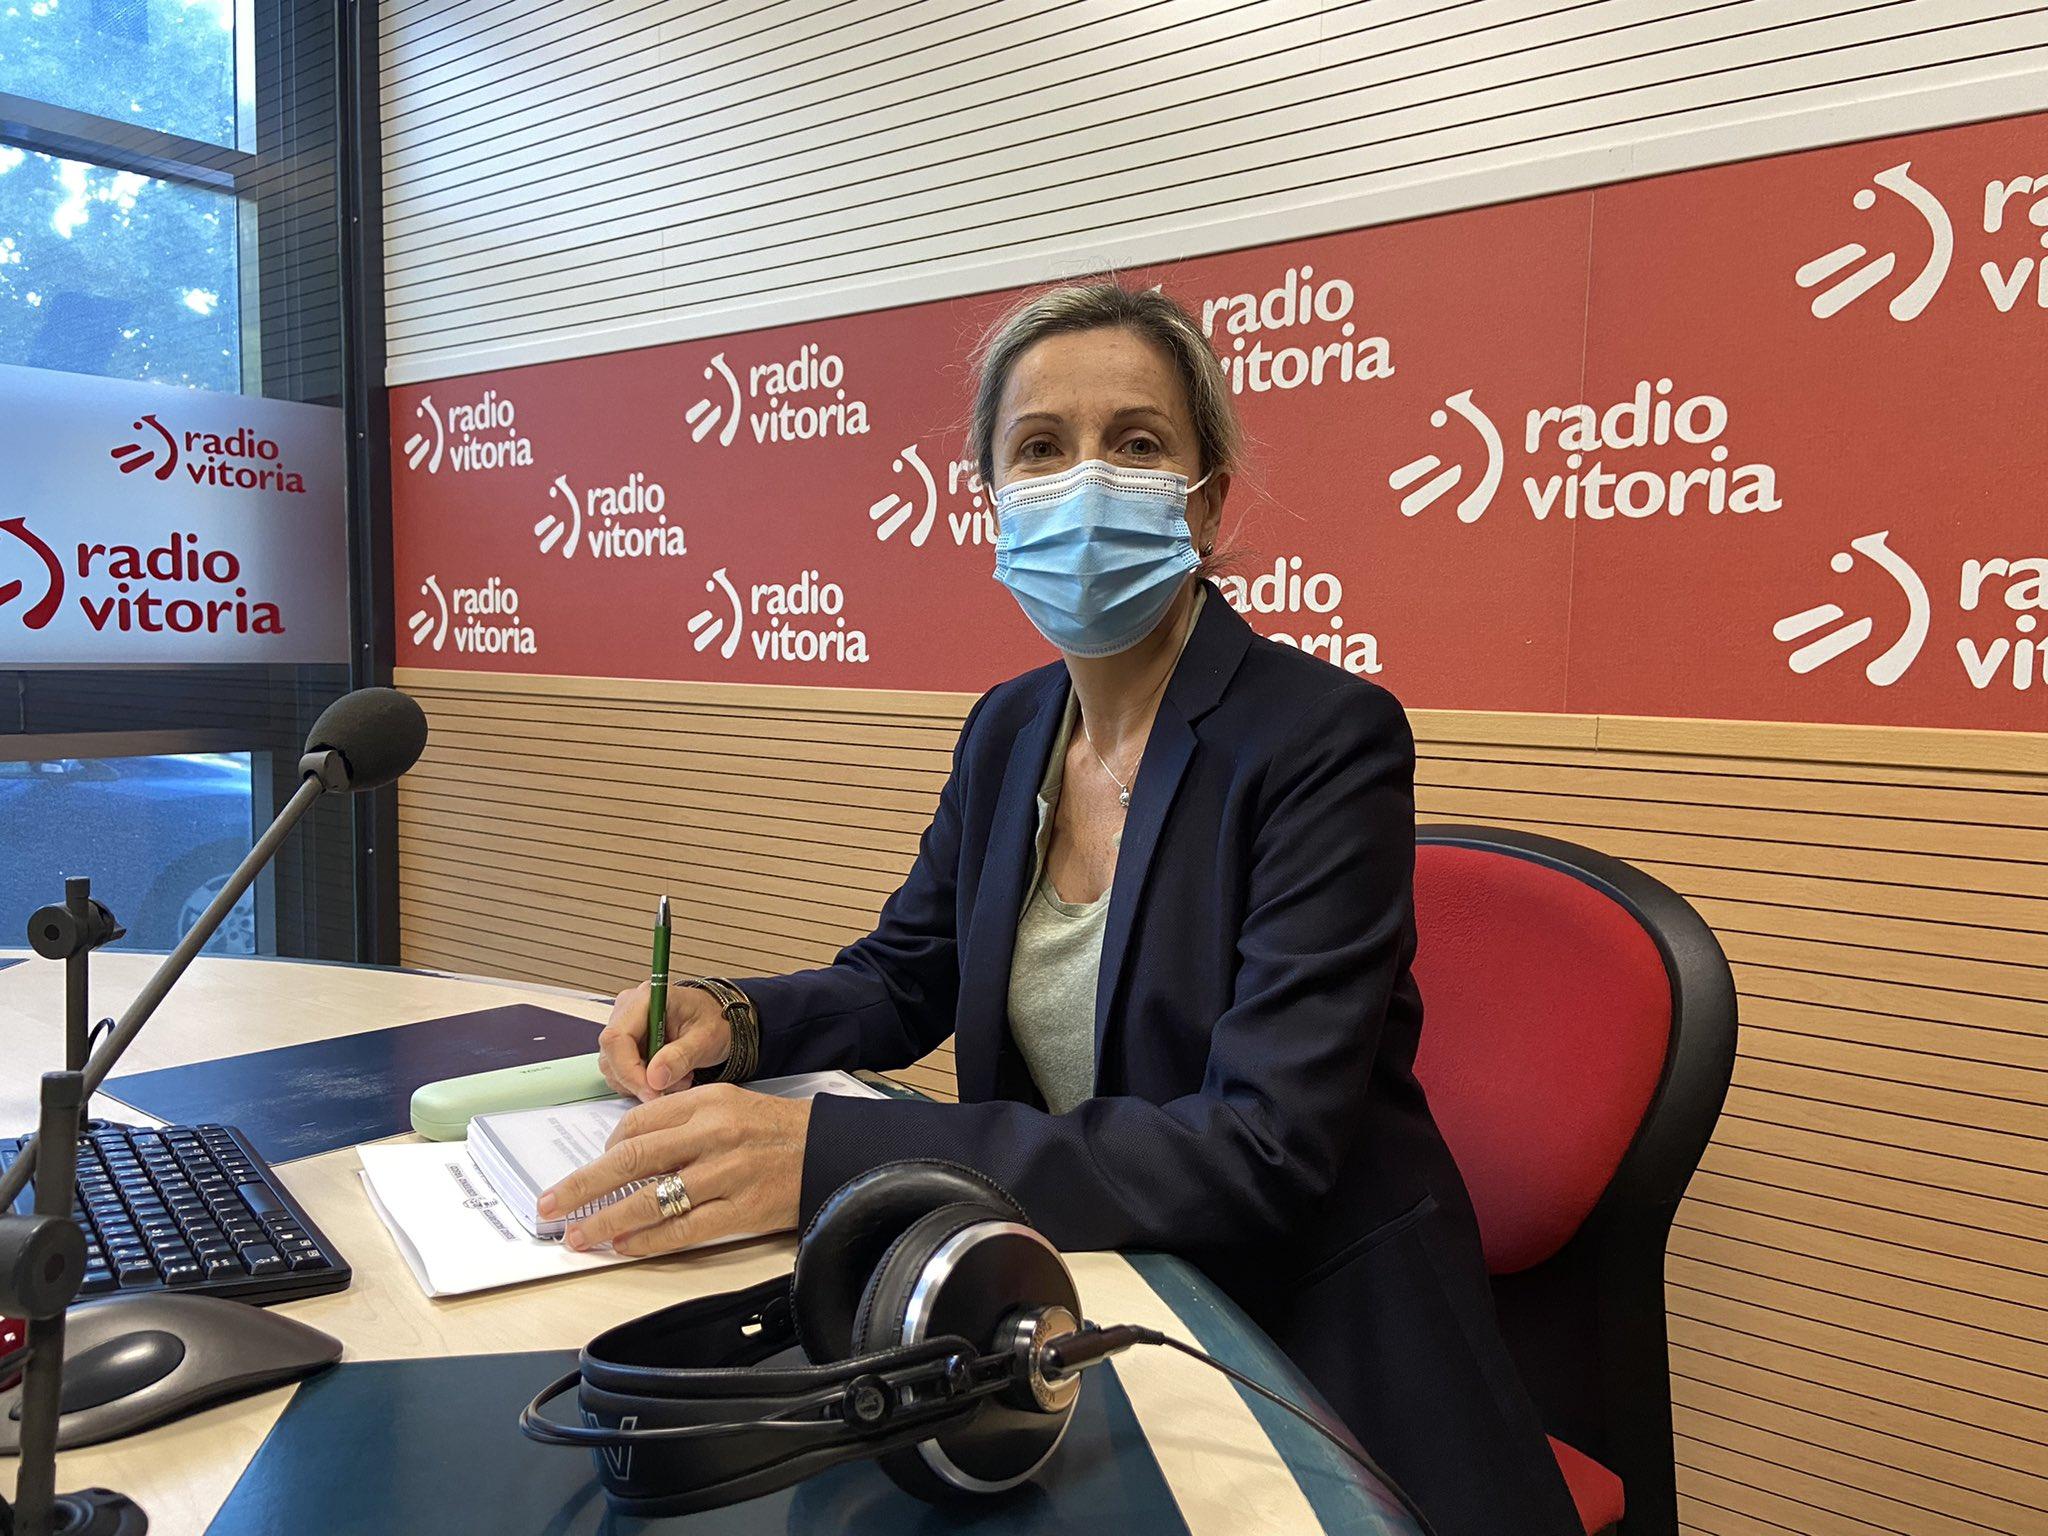 elkarrizketa_radiovitoria_entrevista__3_.jpg